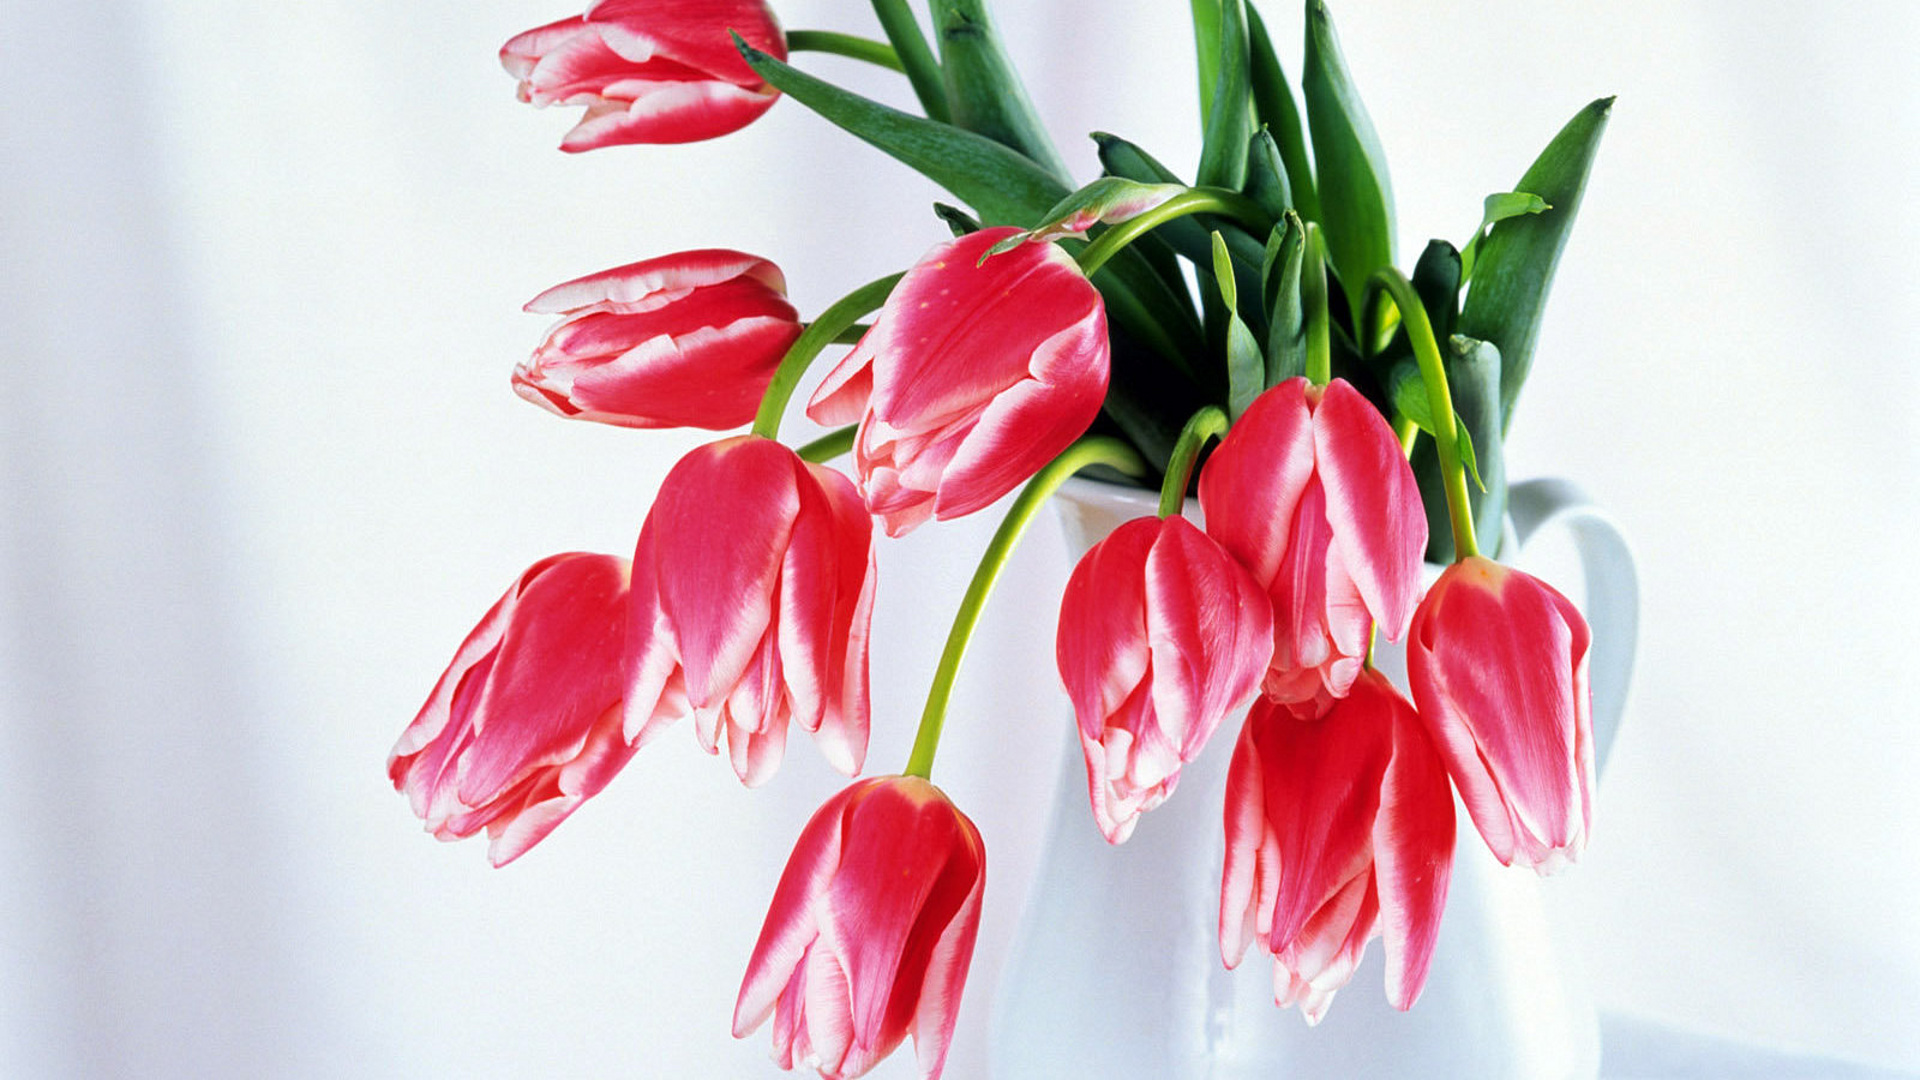 обои на рабочий стол красные тюльпаны в вазе самаре